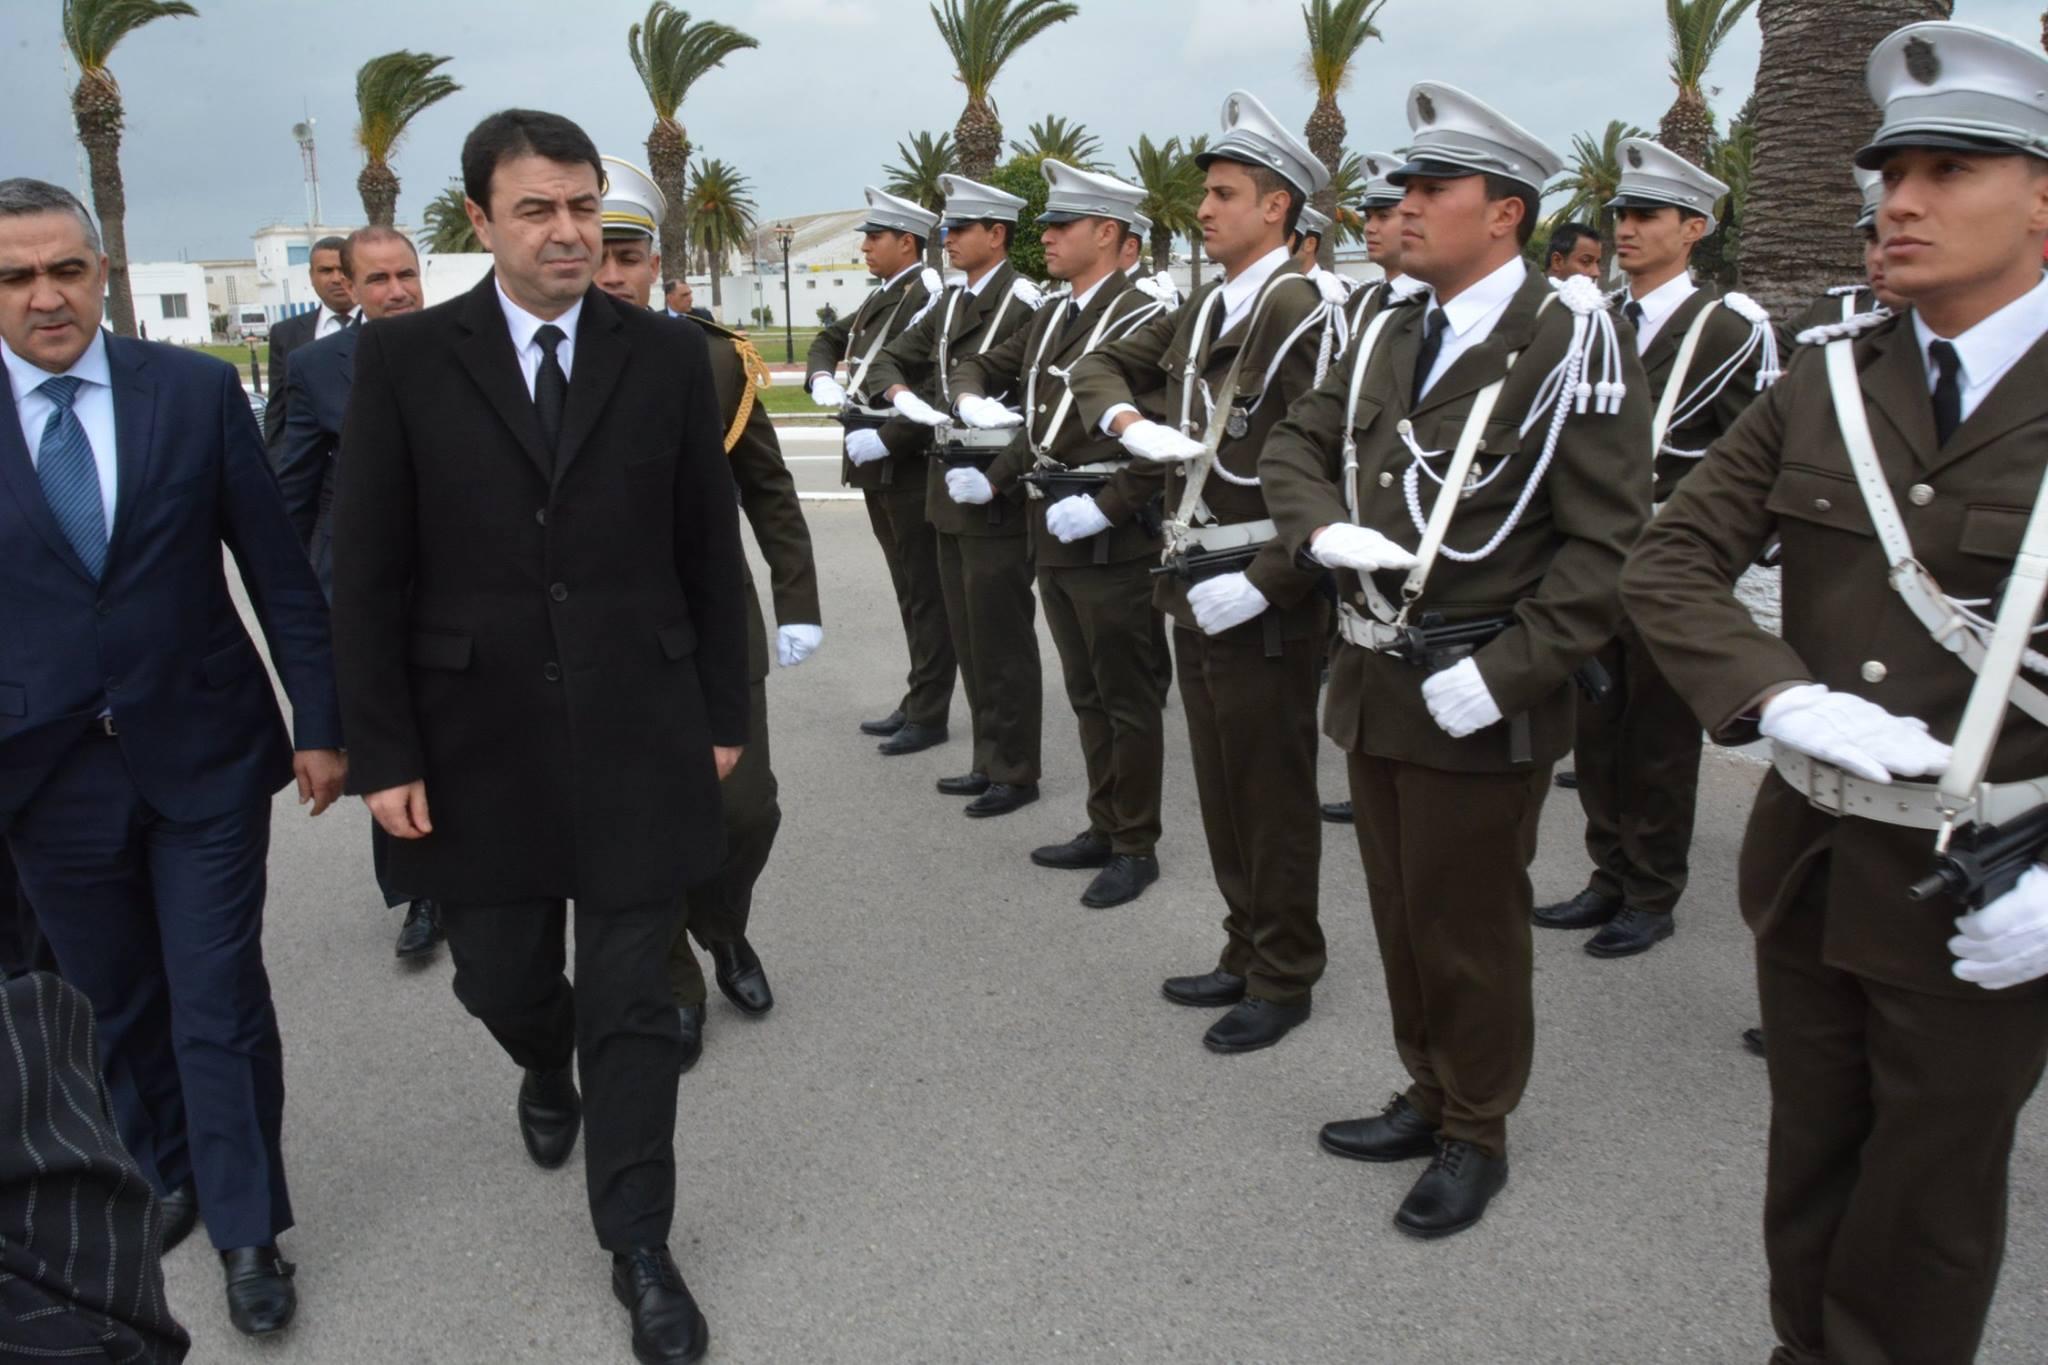 Tunisie le minist re de l int rieur re oit un don for Interieur ministere tunisie